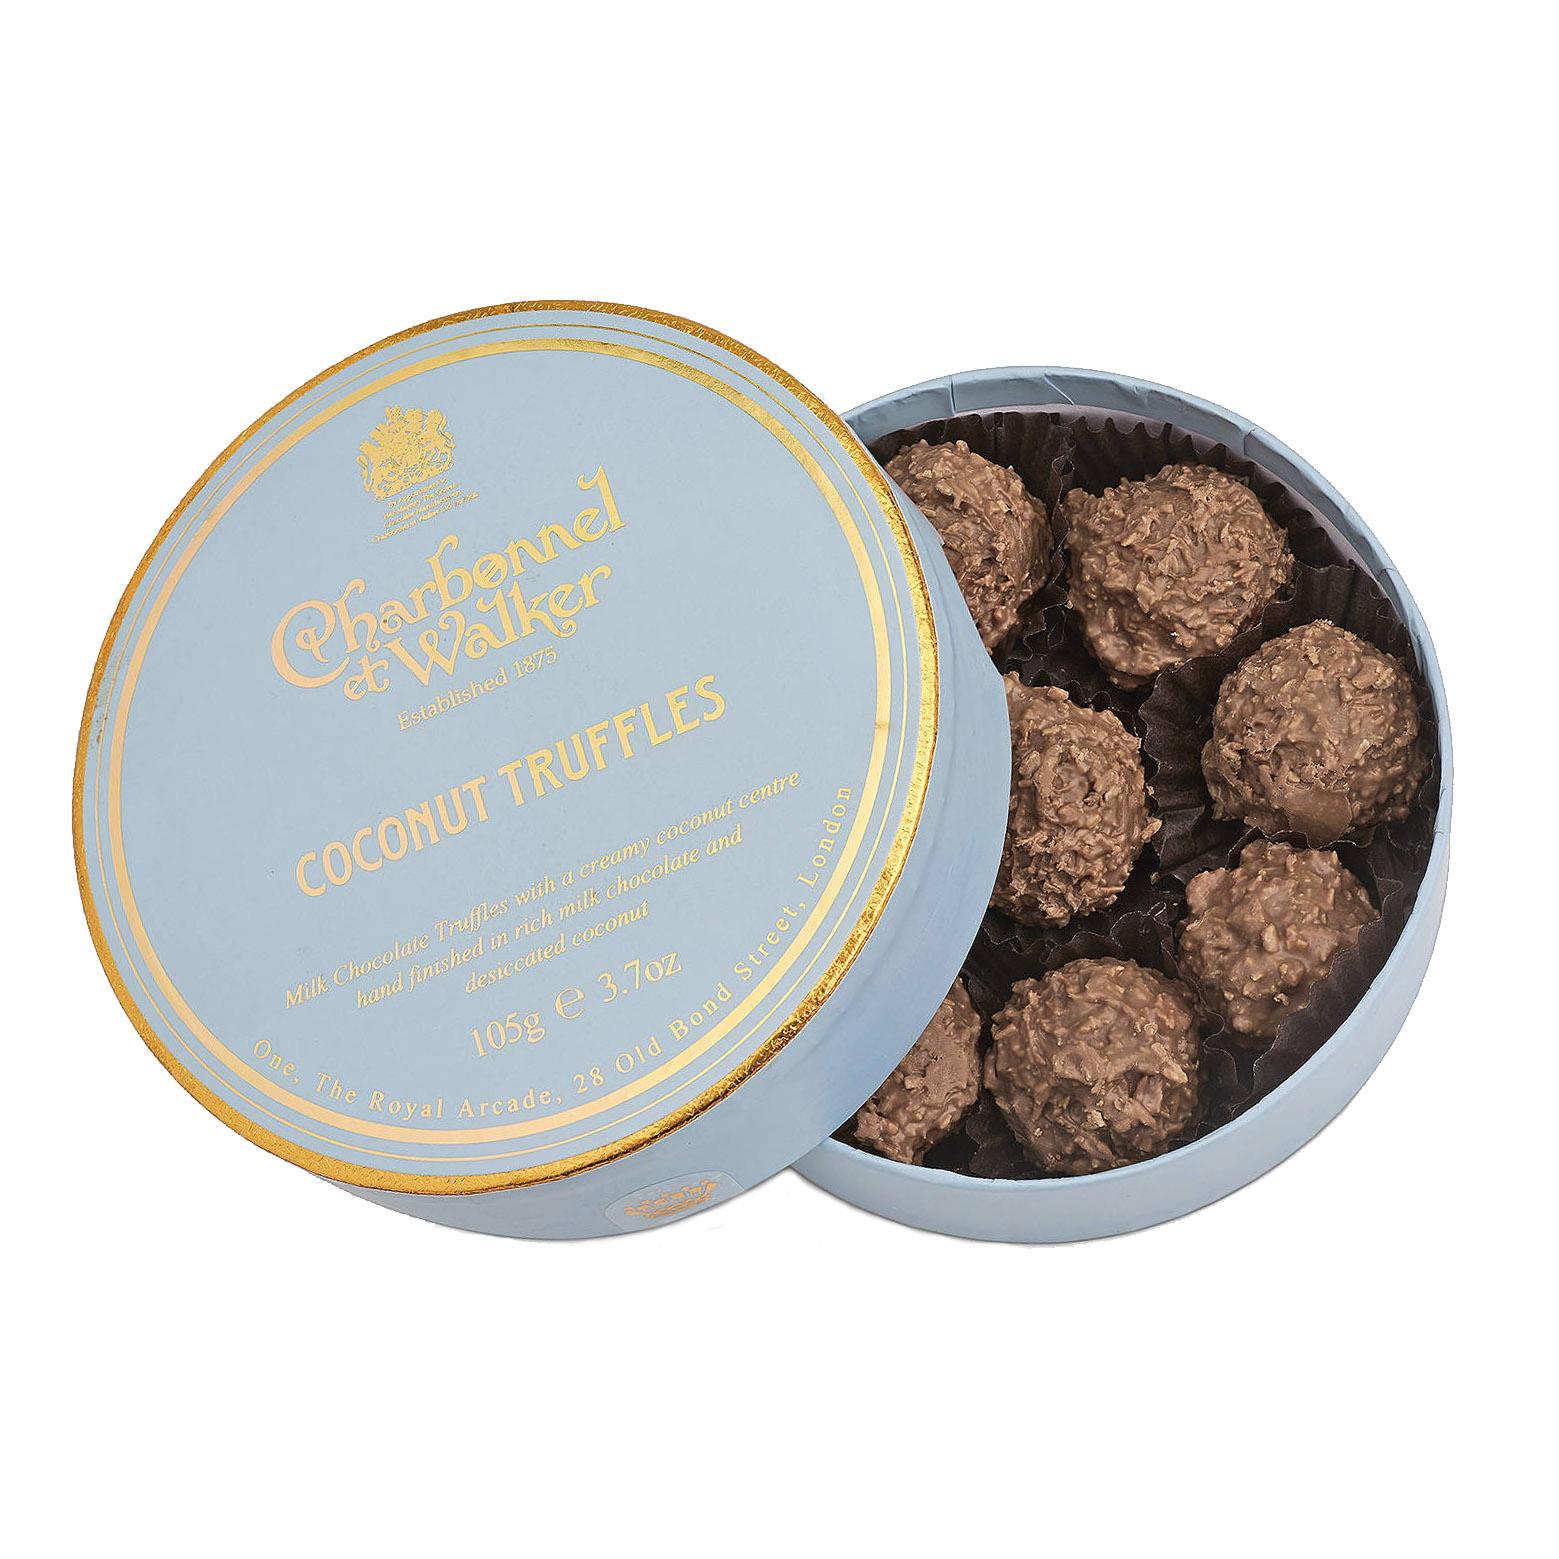 Charbonel et Walker - Coconut truffles -